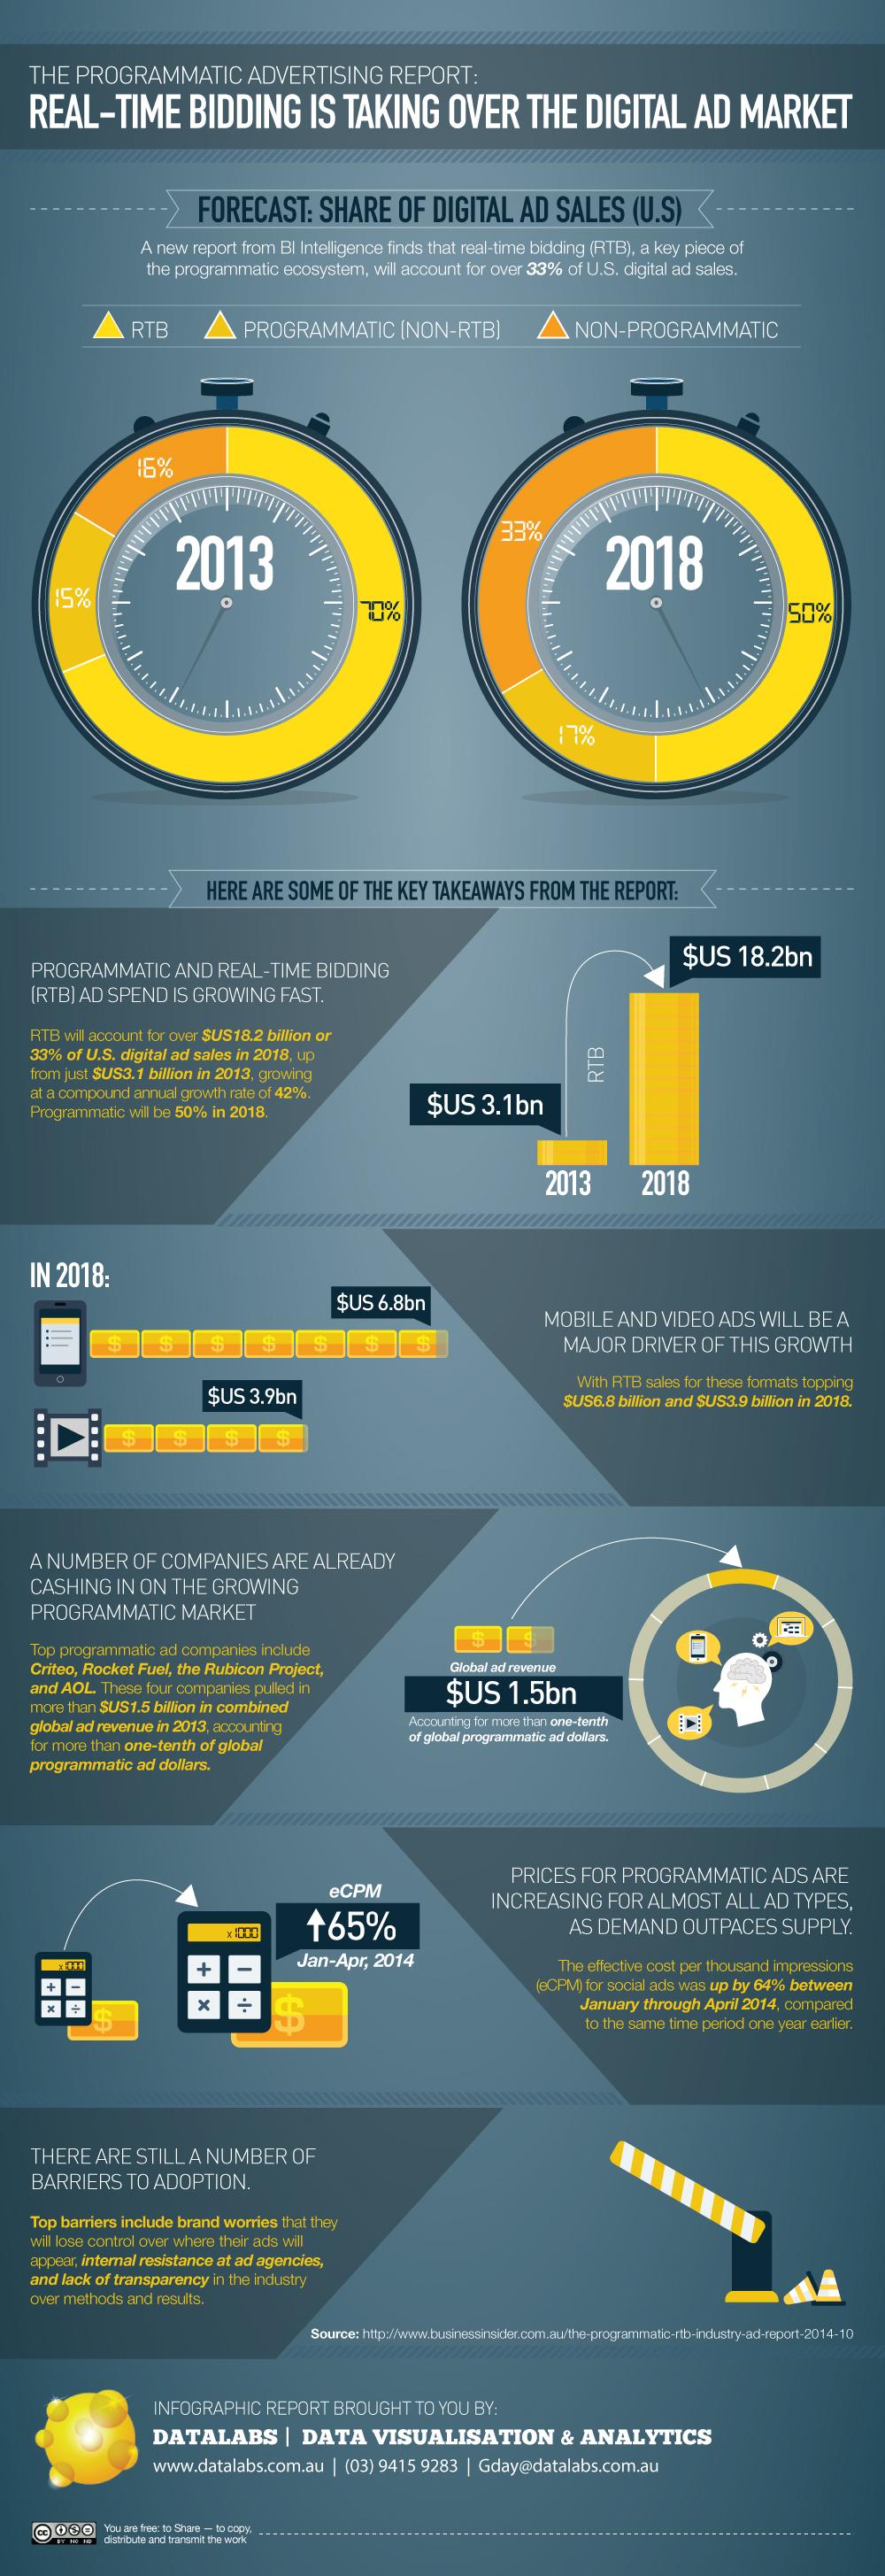 Mobile Commerce 101 MCommerce Trends  The BigCommerce Blog